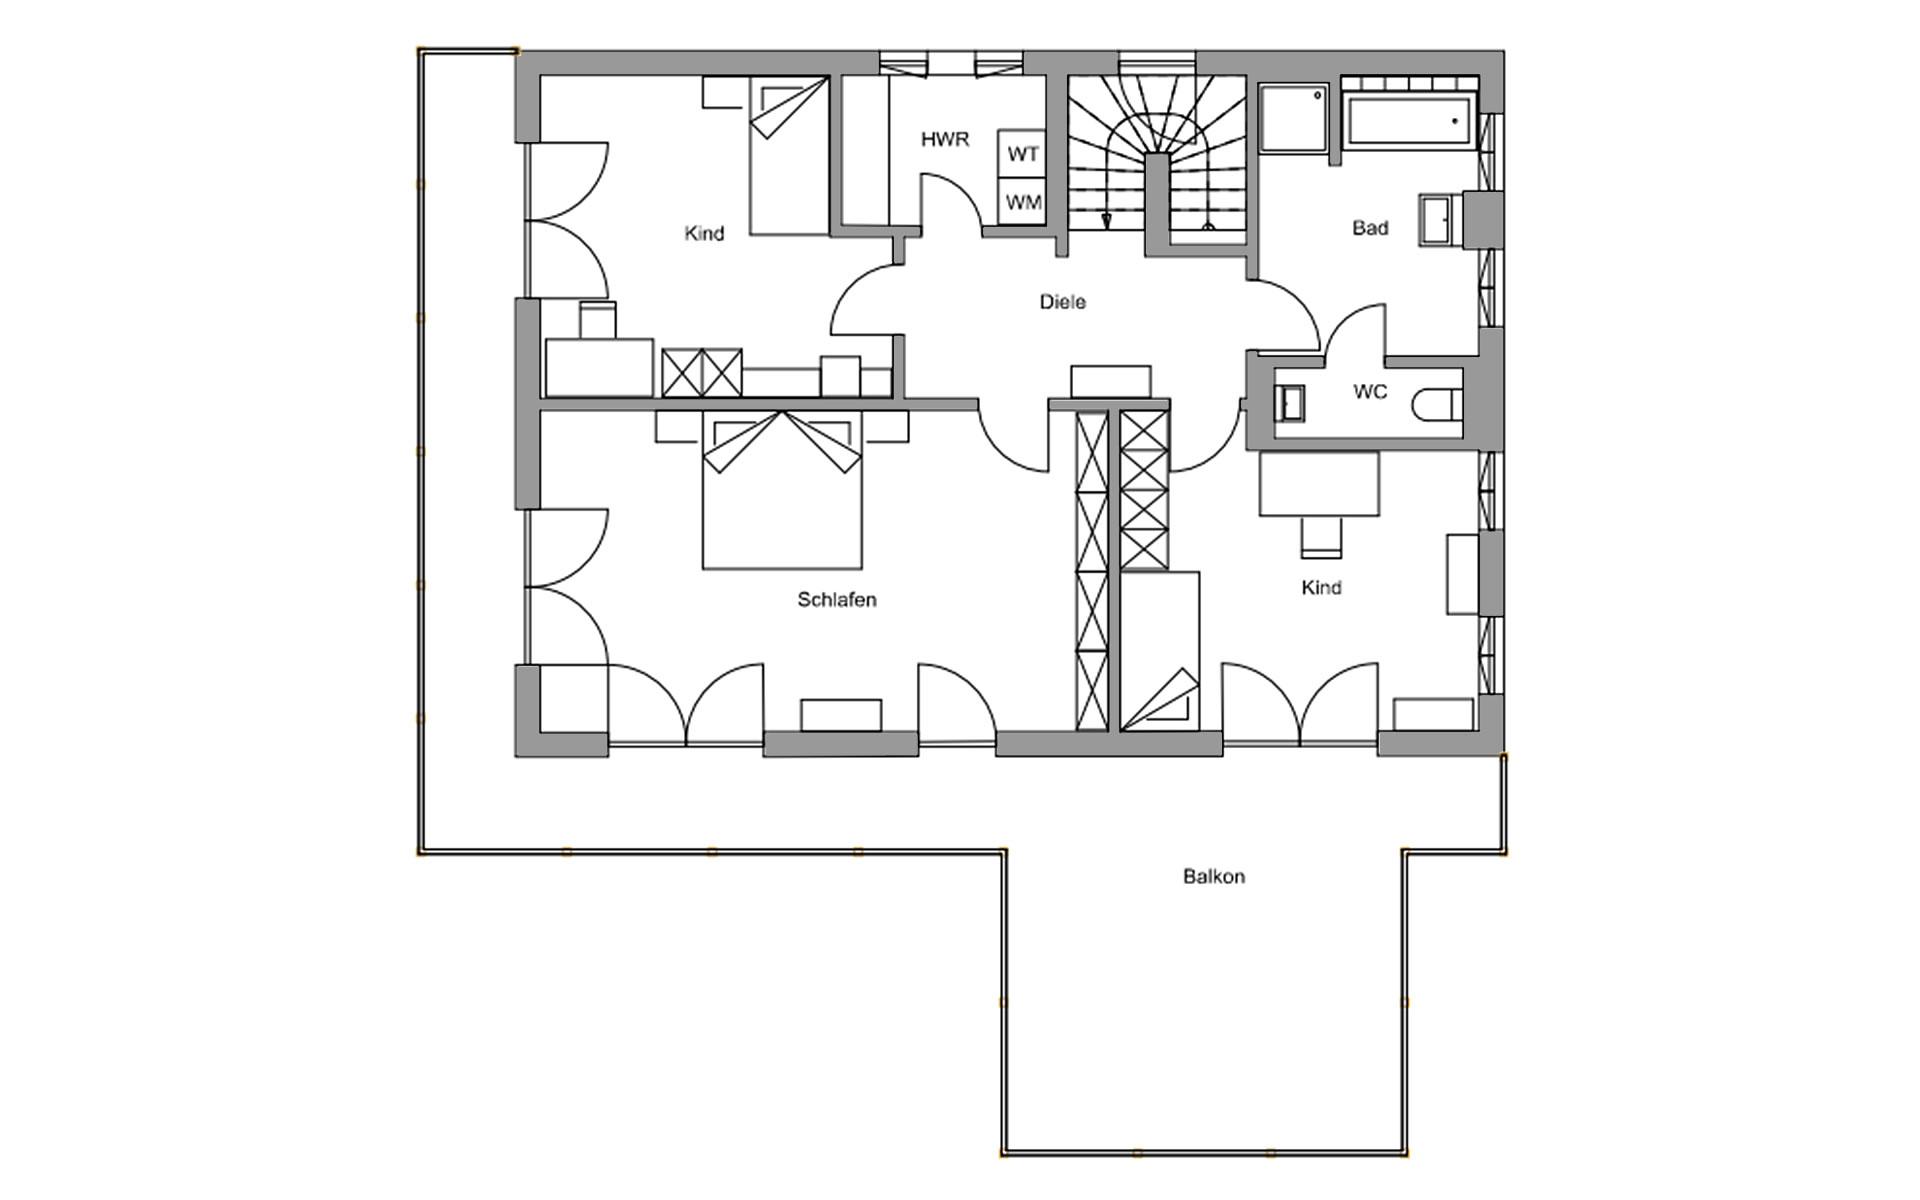 Obergeschoss Genf von Regnauer Hausbau GmbH & Co. KG